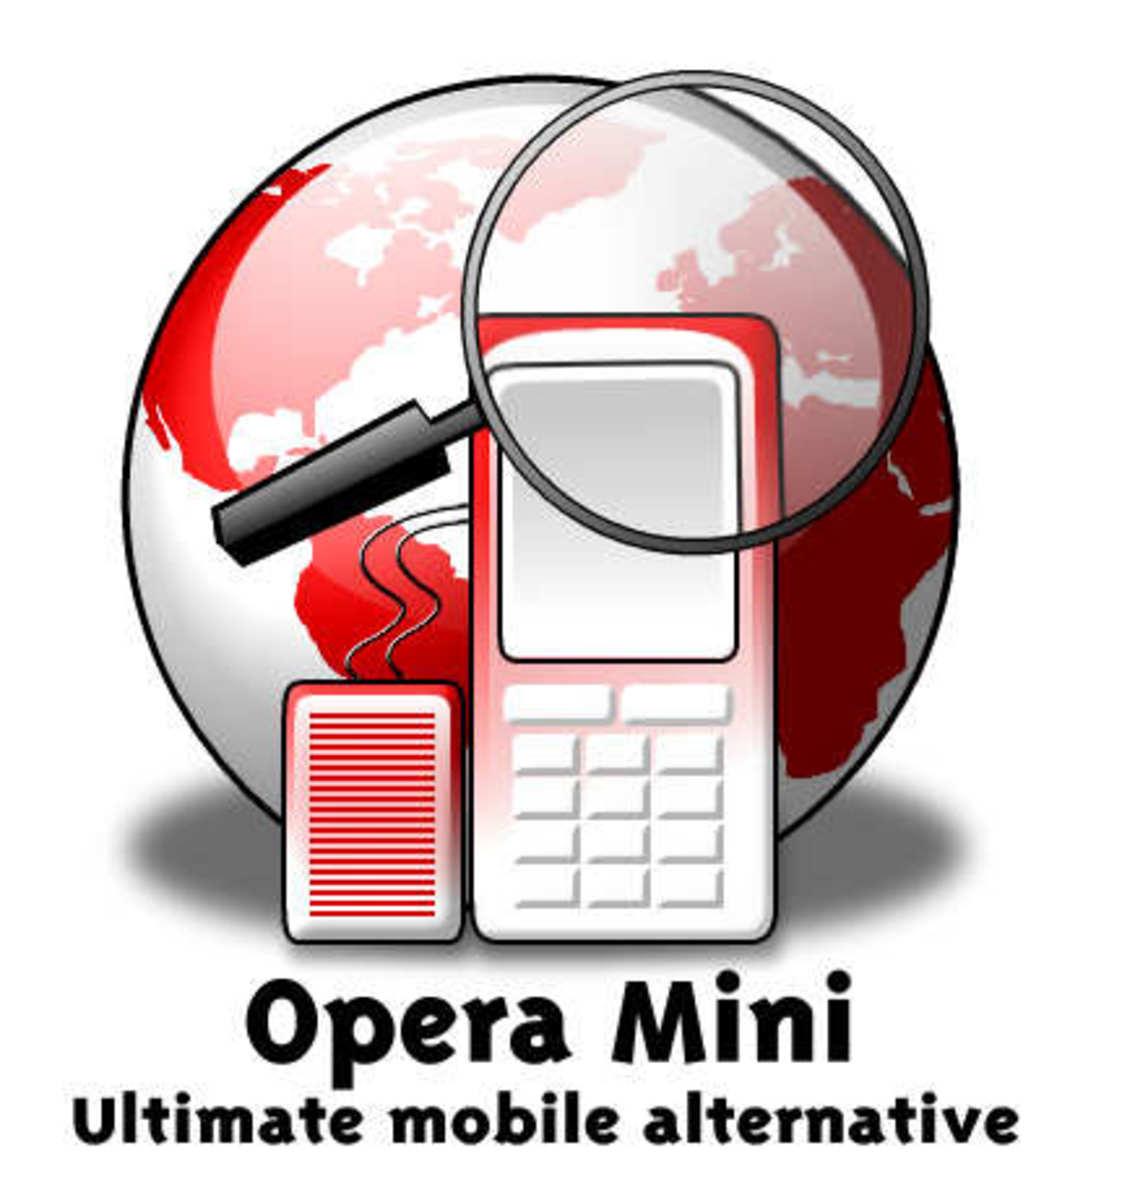 Opera mini logo. Image Courtesy of Opera Mini